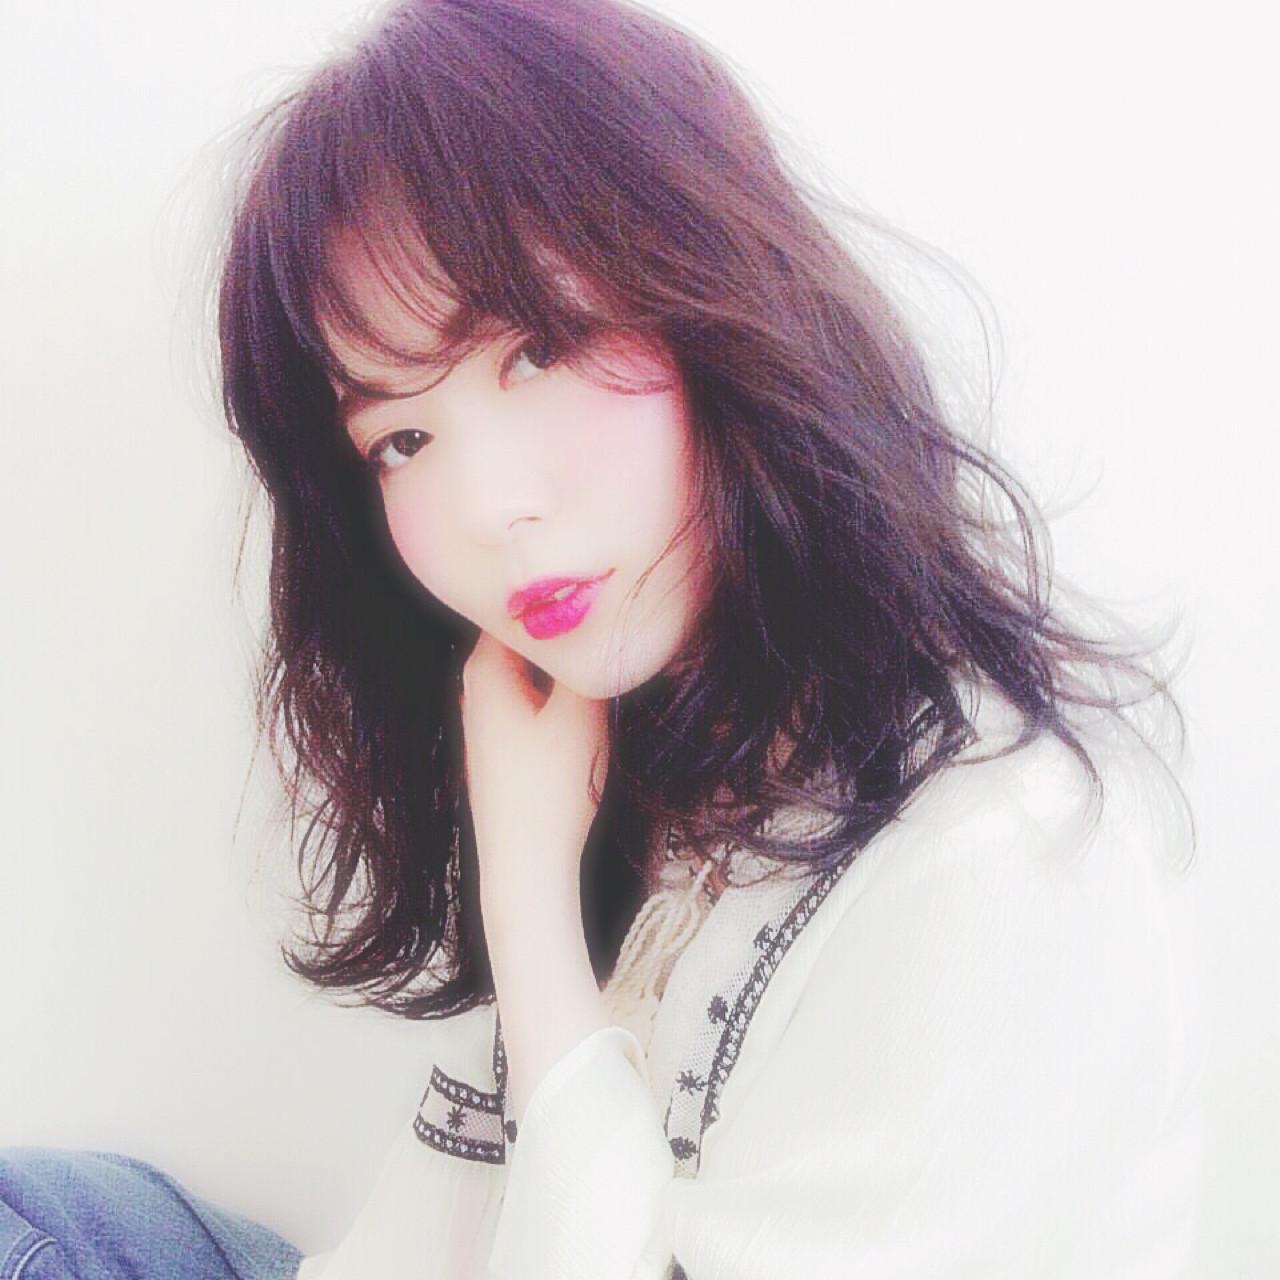 暗髪 セミロング 大人女子 ゆるふわ ヘアスタイルや髪型の写真・画像 | 高橋 アリサ /